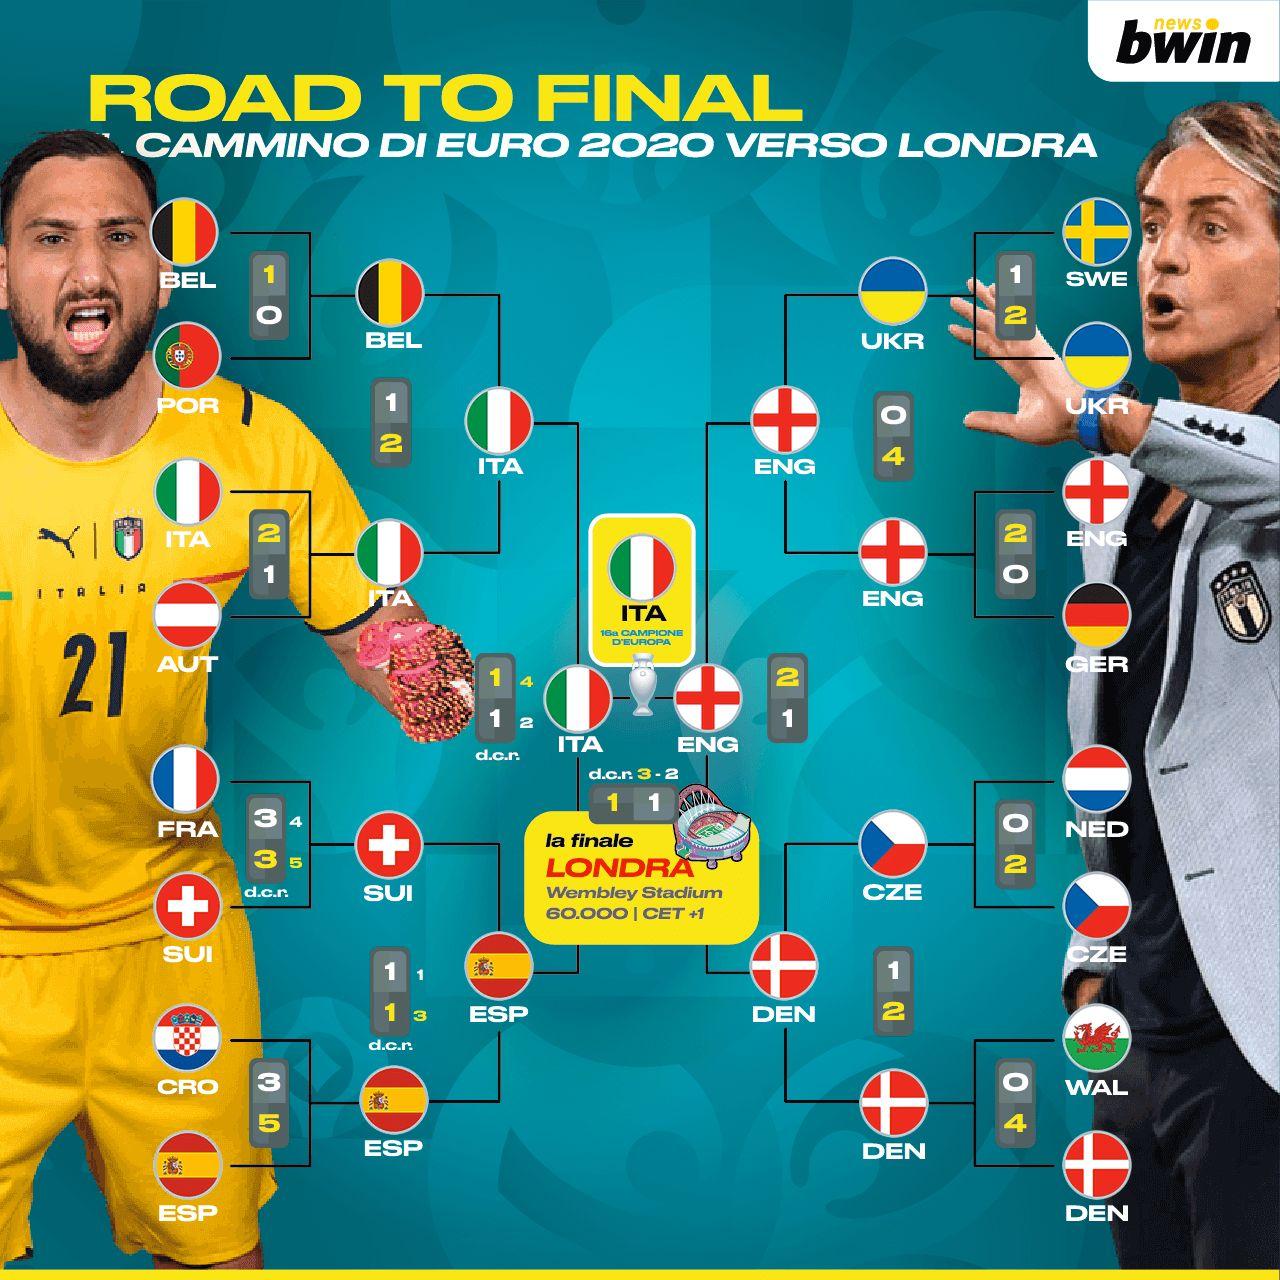 Euro 2020 tabellone finale